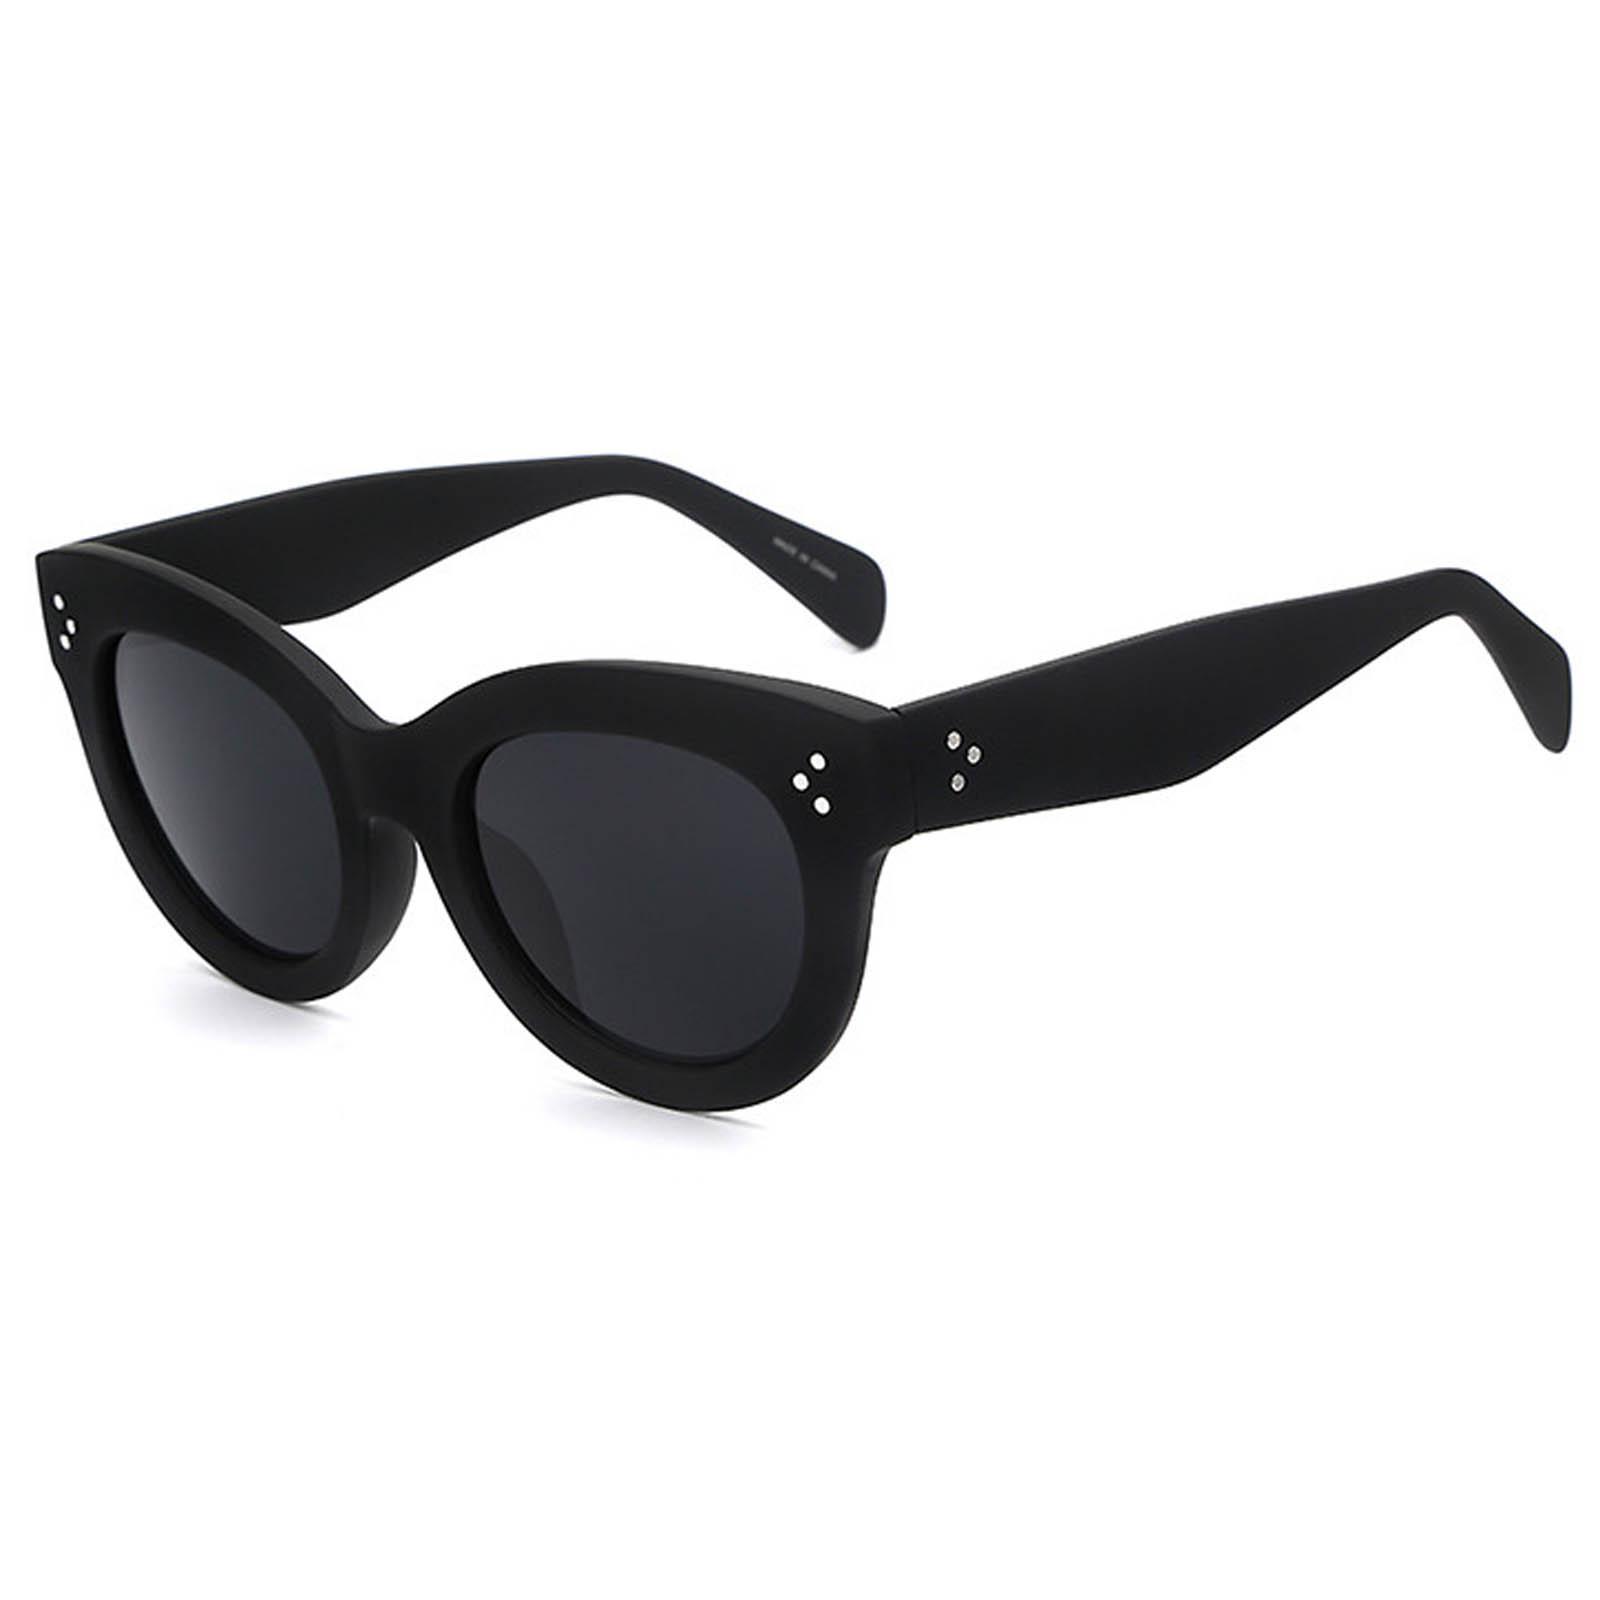 OWL ® 012 C2 Cat Eyewear Sunglasses Women's Men's Plastic Black Frame Black Lens One Pair